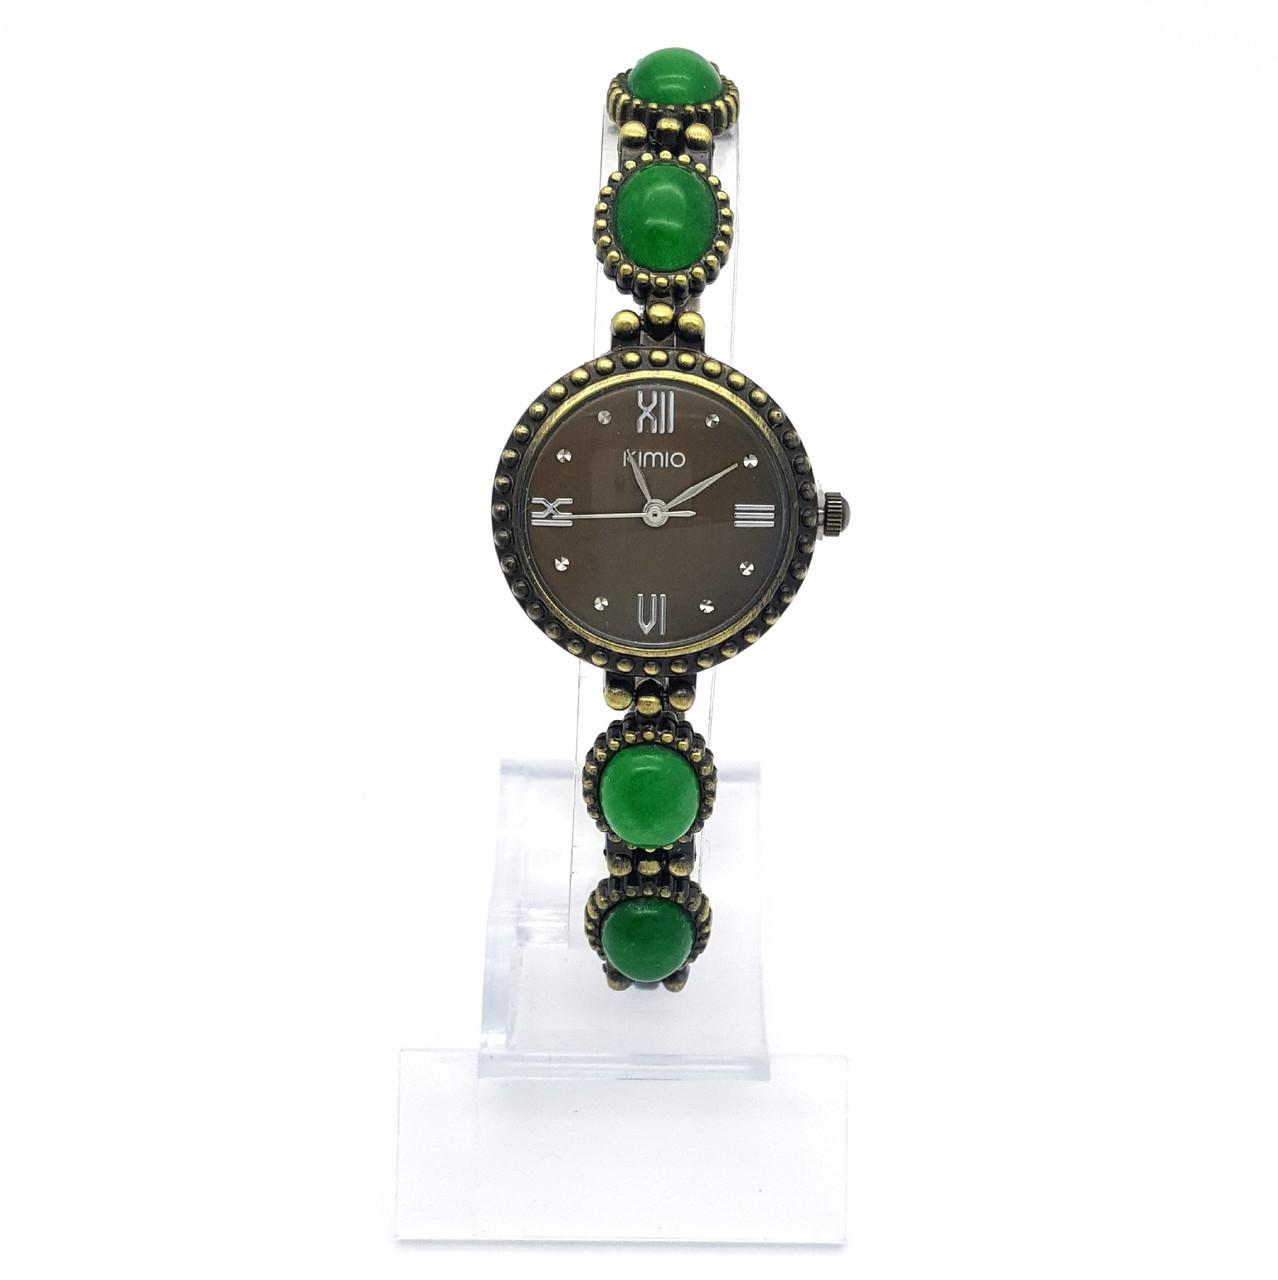 Часы KIMIO на браслете с зелеными камнями, длина браслета 20, циферблат 25мм